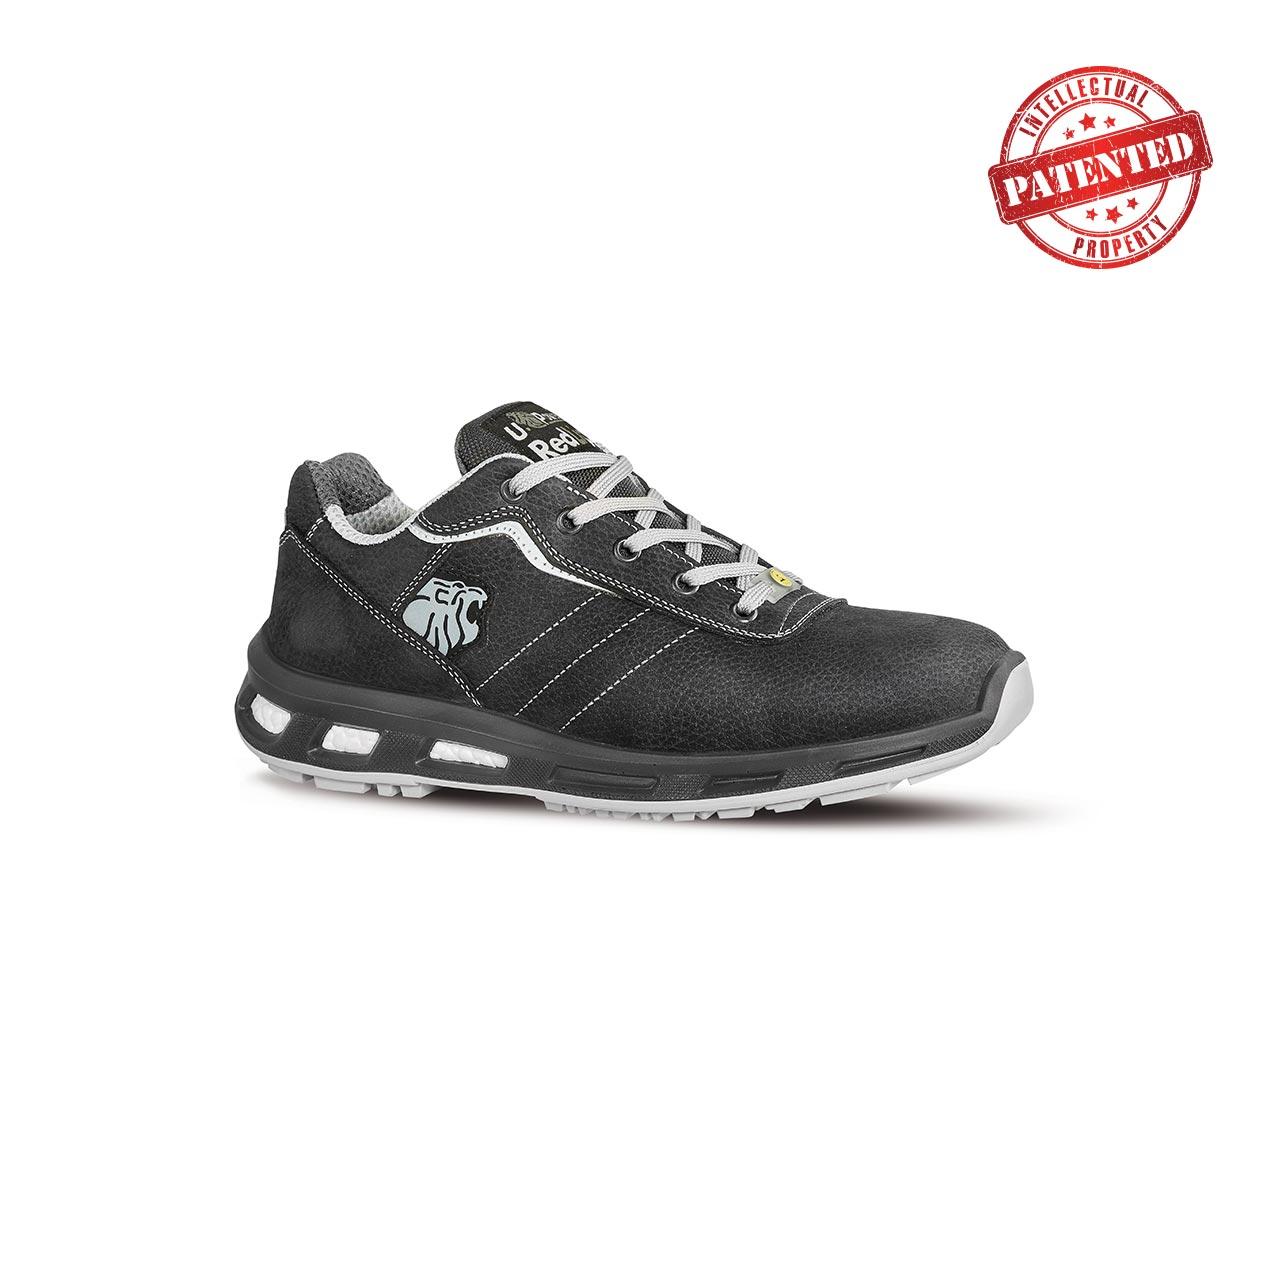 scarpa antinfortunistica upower modello club linea redlion vista laterale